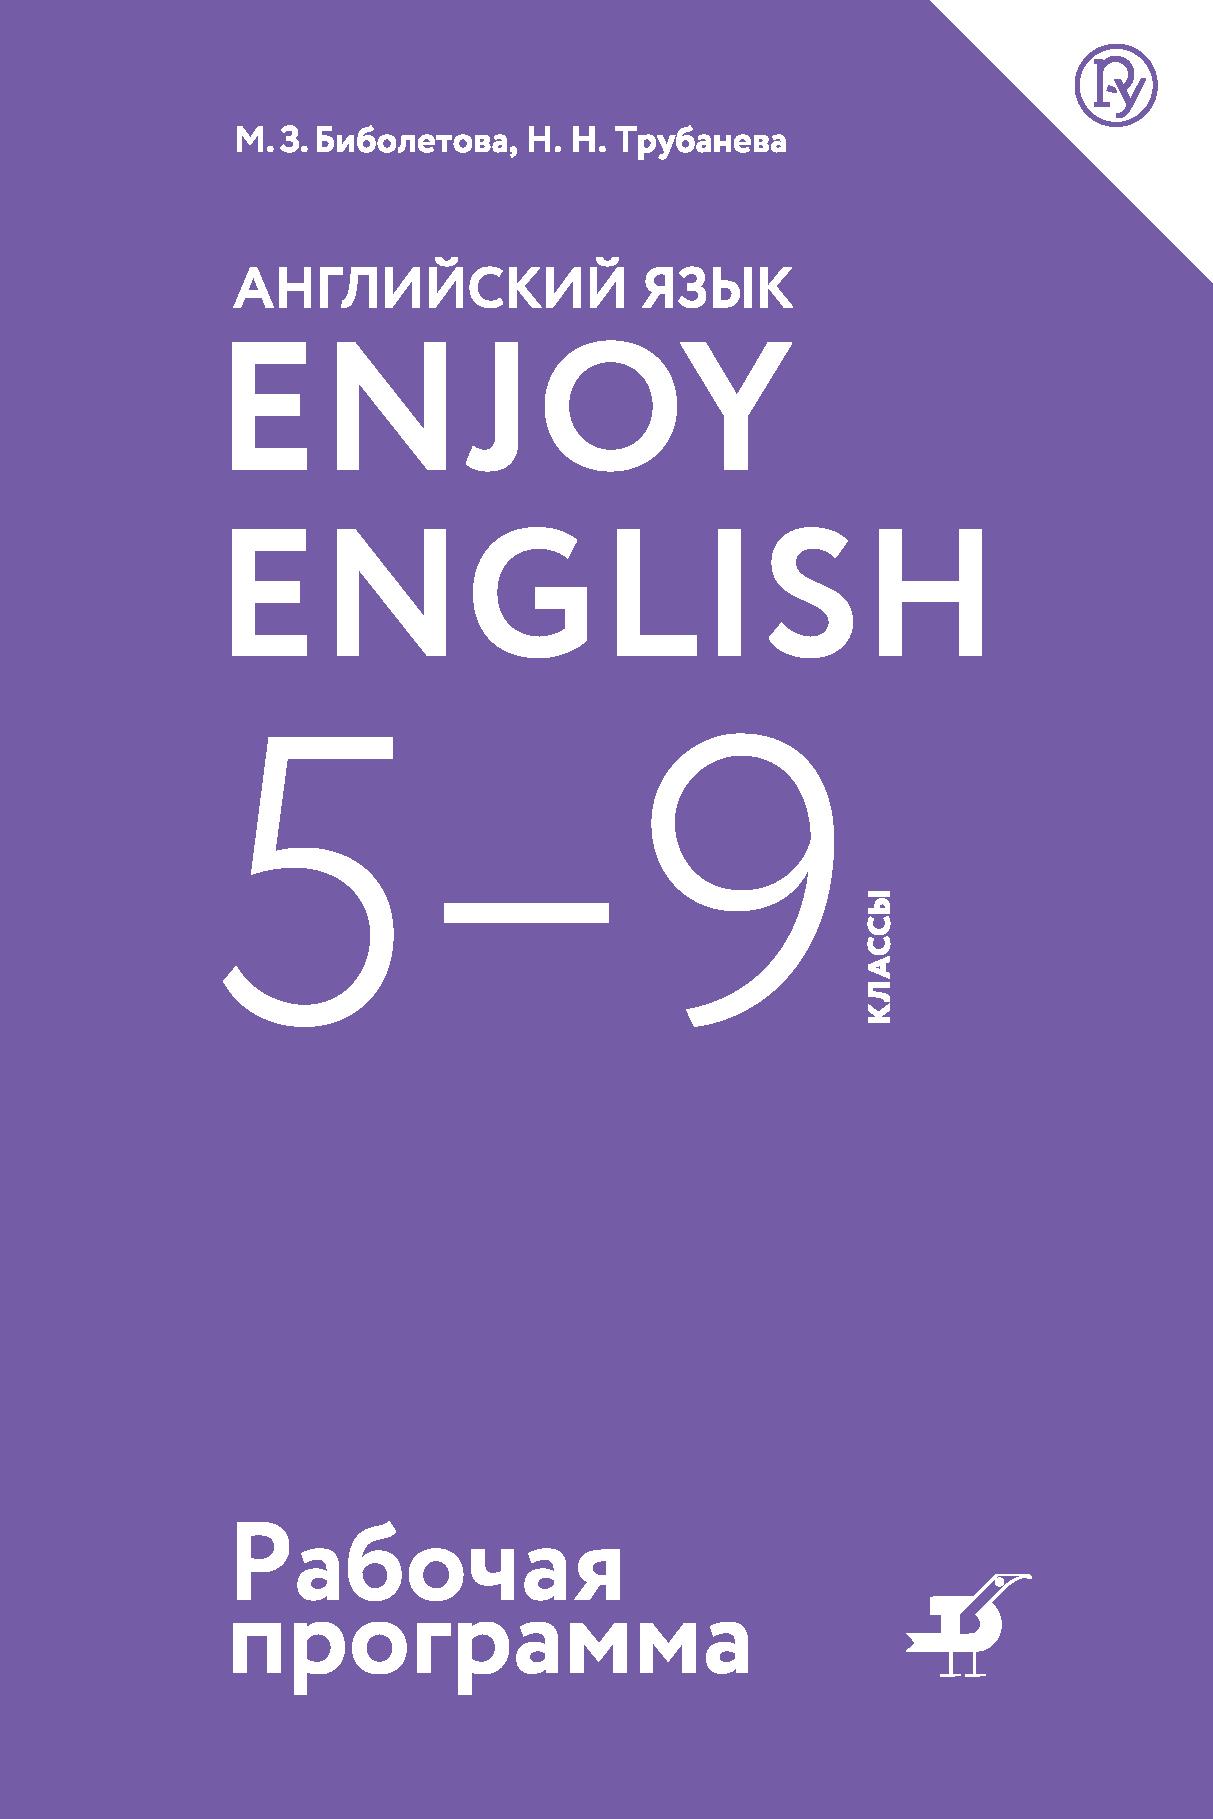 Фото - М. З. Биболетова Английский язык. Enjoy English. 5-9 классы. Рабочая программа кеды мужские vans ua sk8 mid цвет белый va3wm3vp3 размер 9 5 43